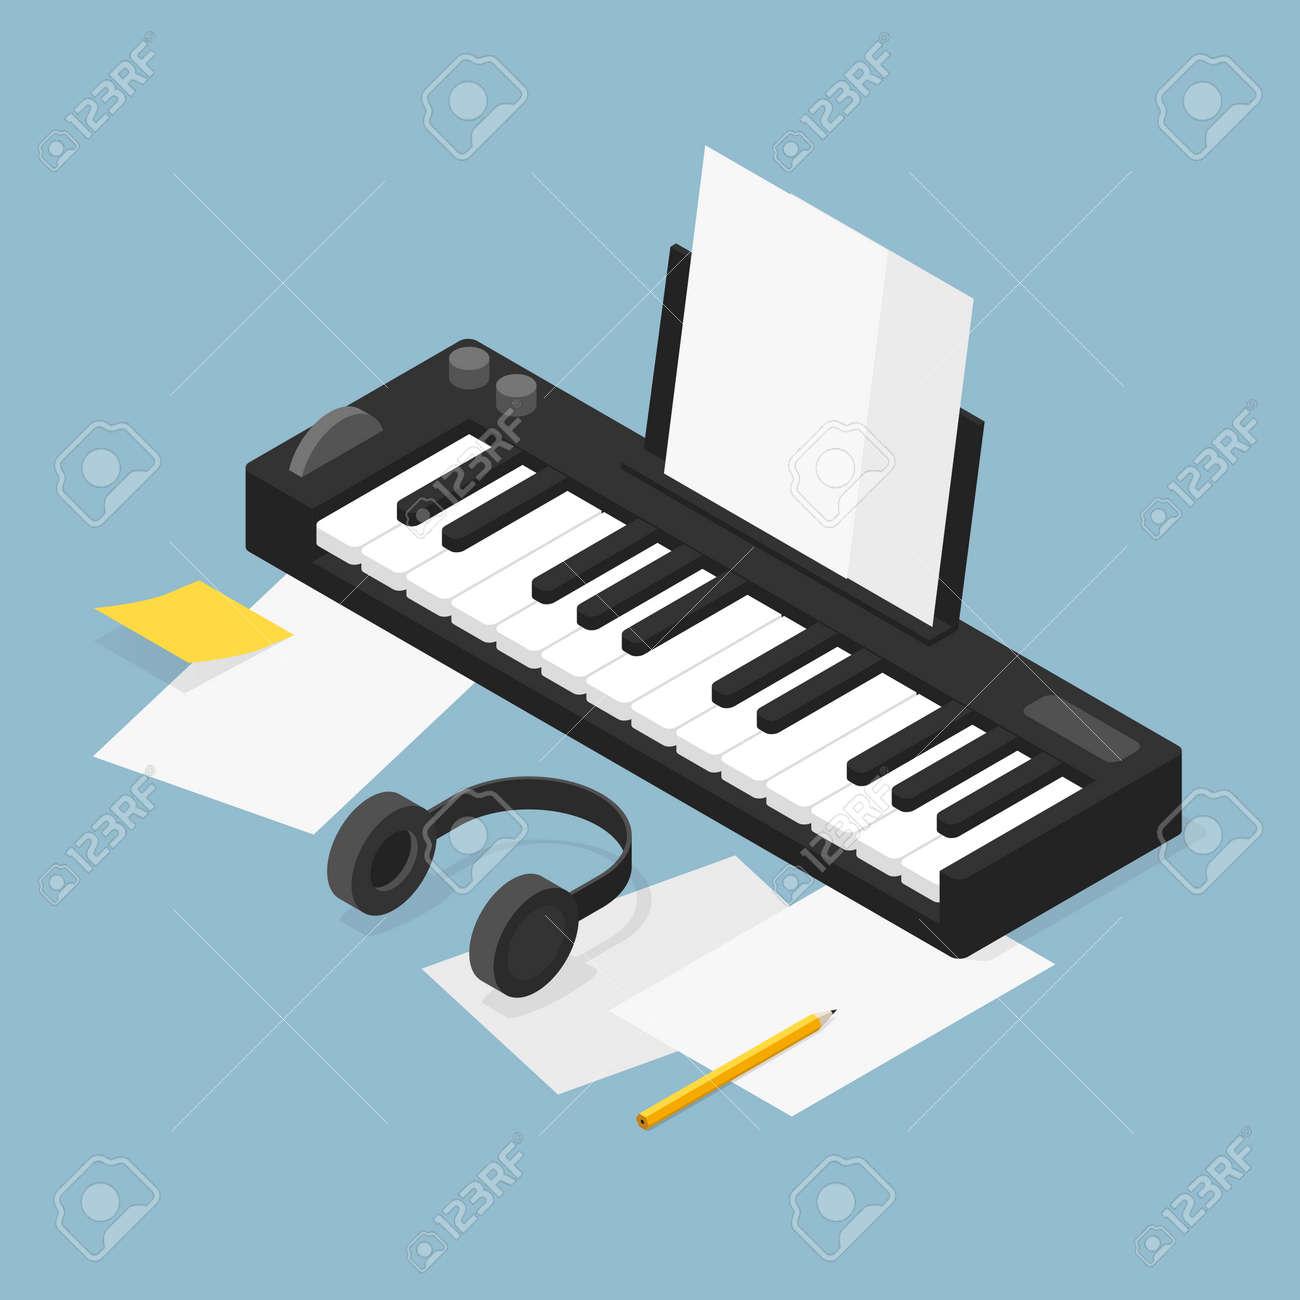 Music Production Isometric Illustration - 172536970